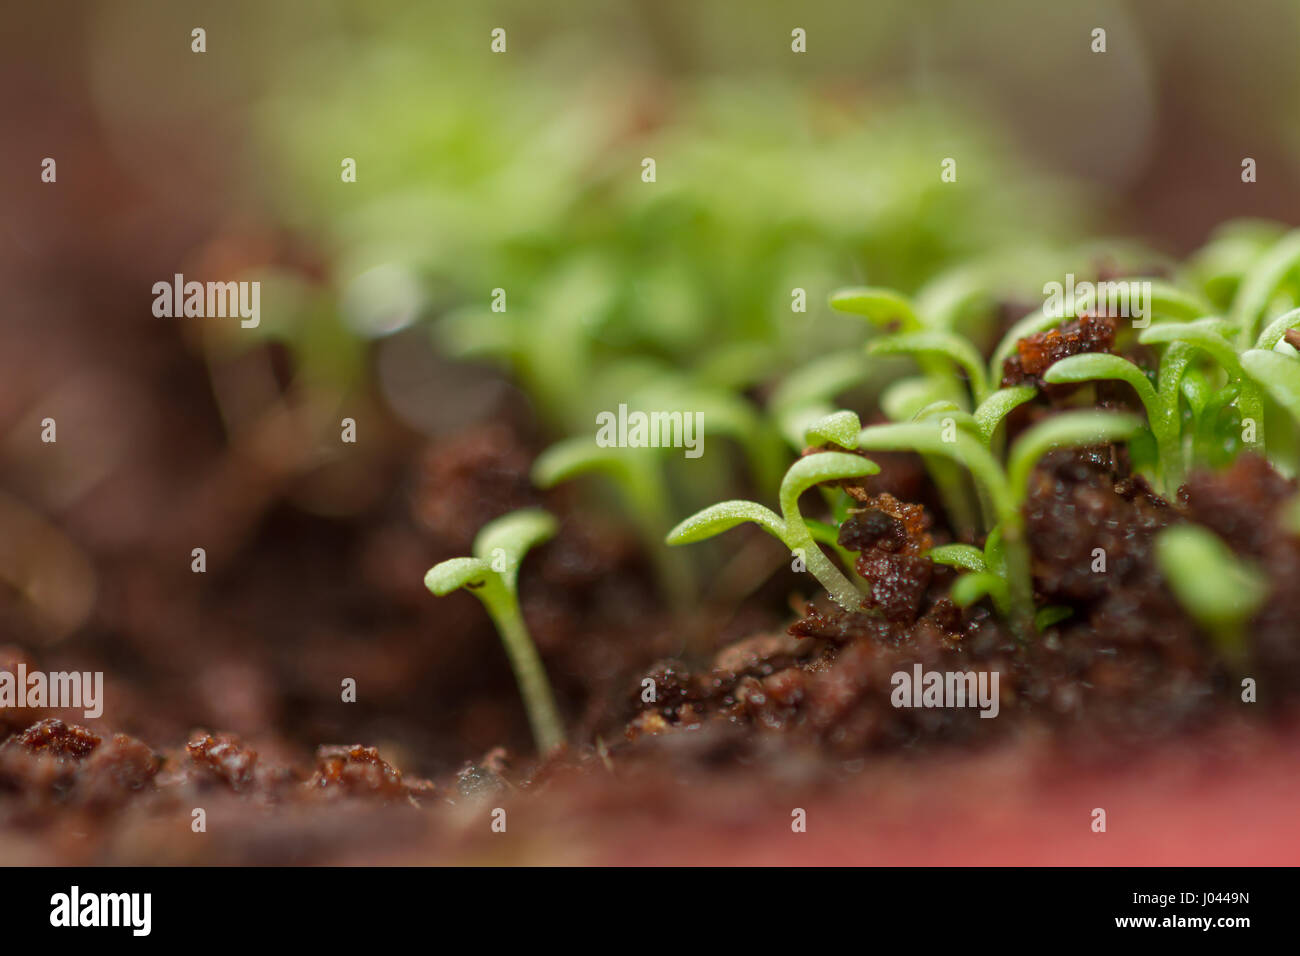 Manzanilla verdes retoños. Berro brotes Imagen De Stock